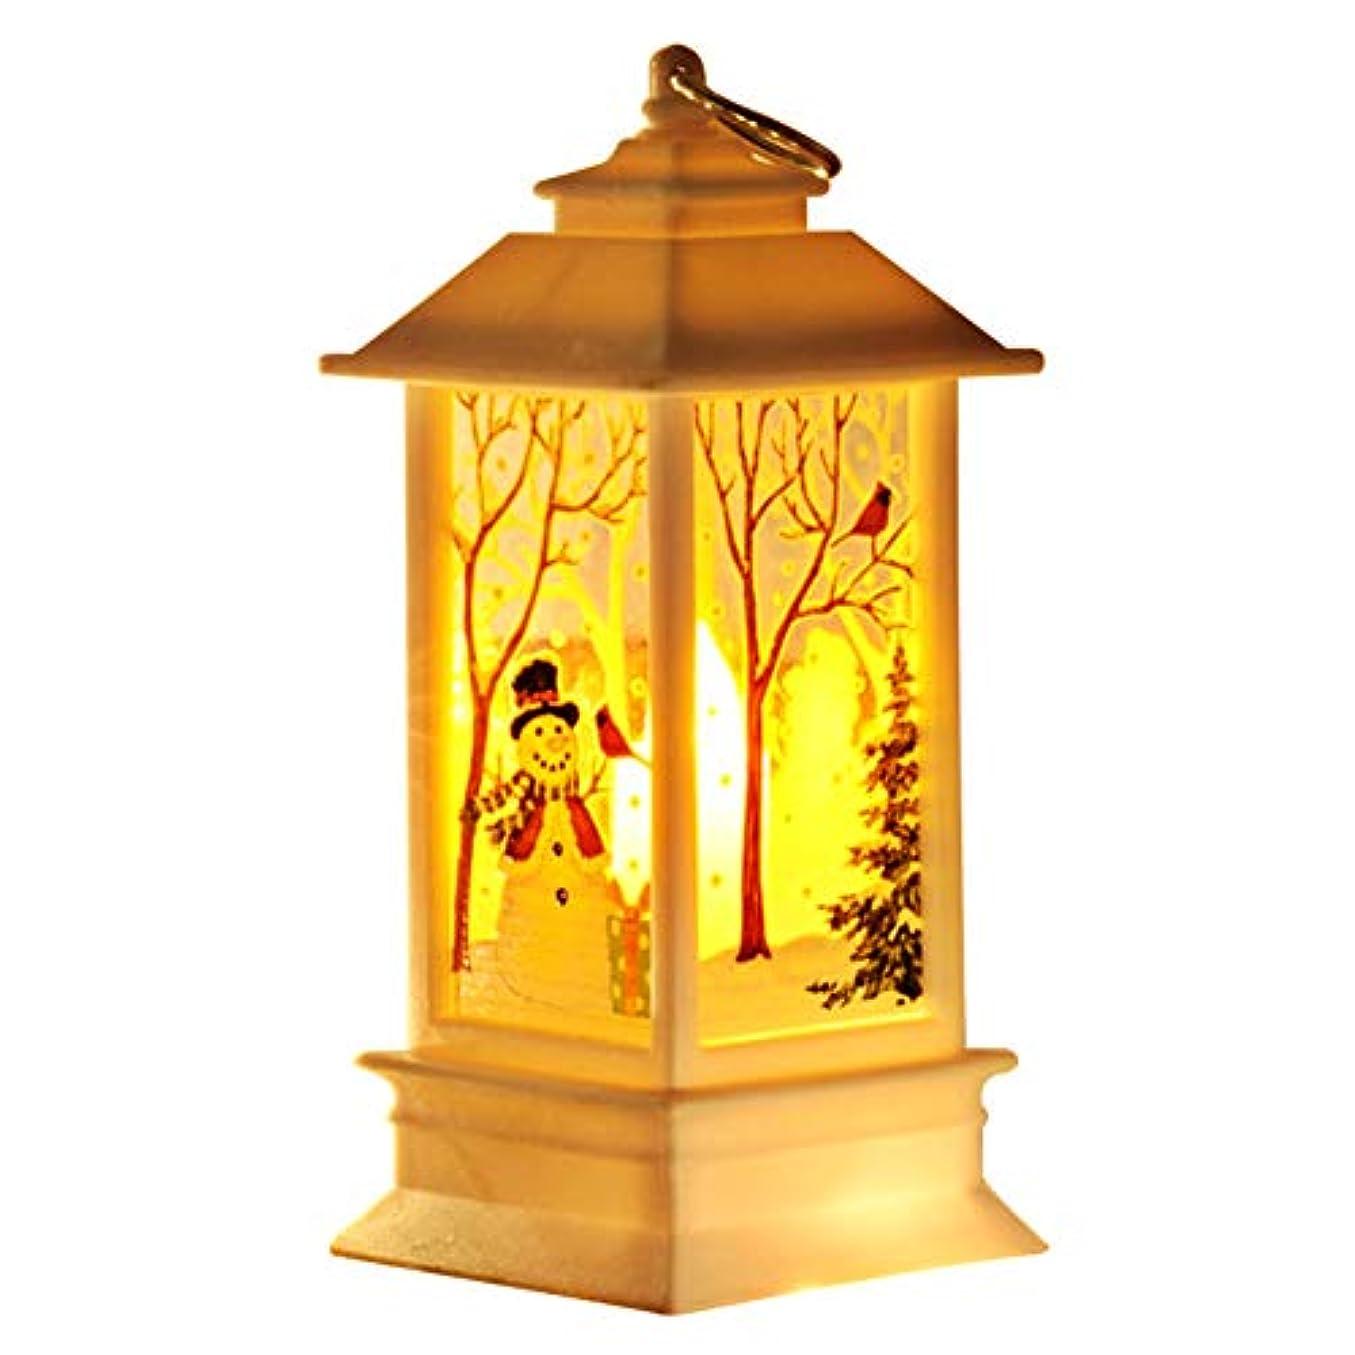 説明的印刷する抽象ZaRoing ホームバー用の小さなクリスマスランタンランプデスクライトフェスティバルテーブル装飾